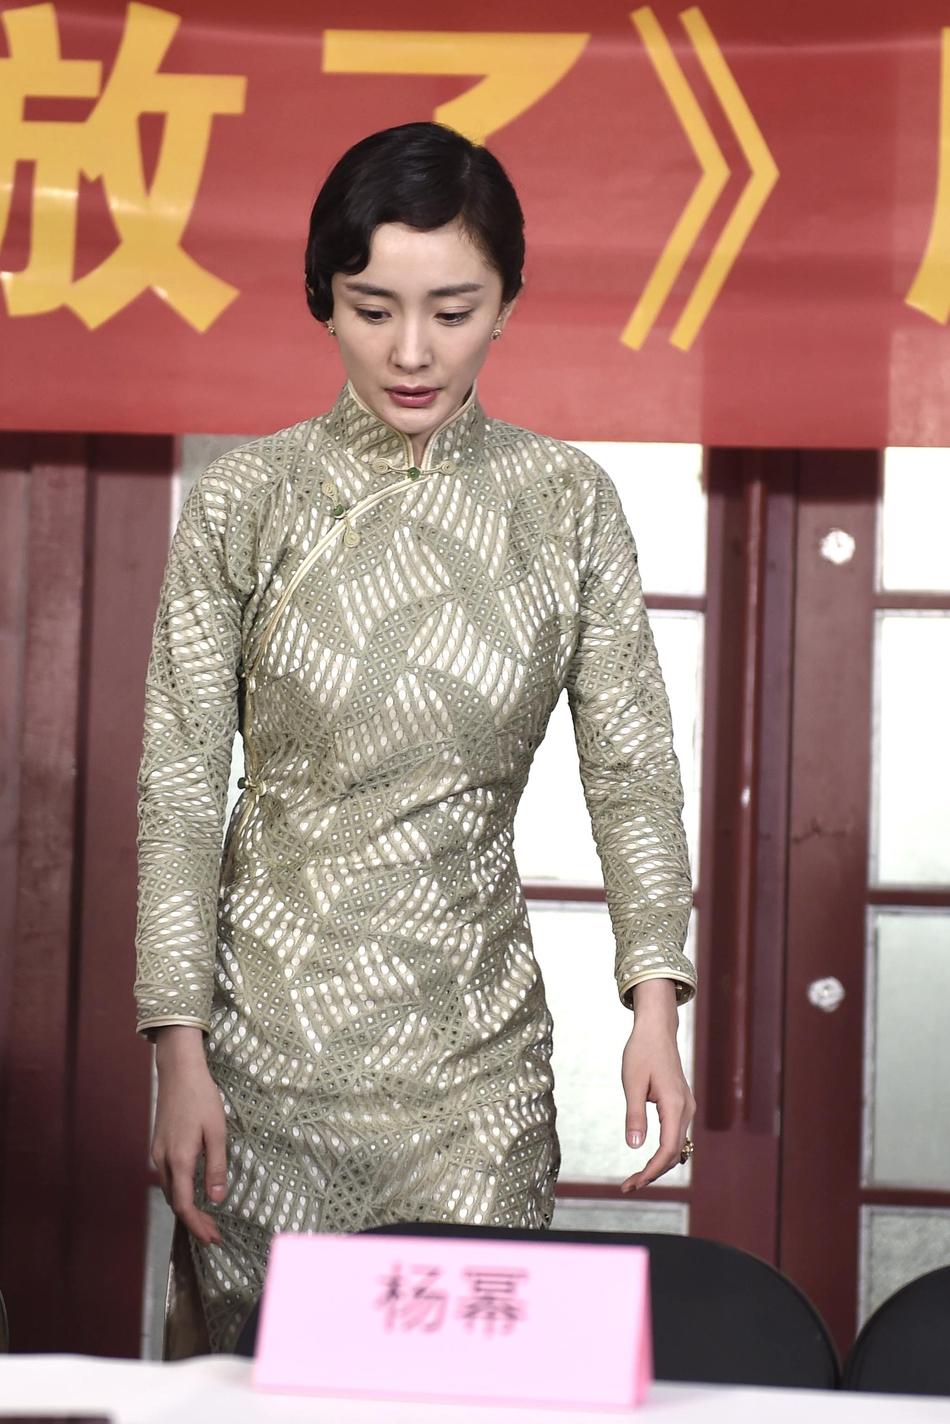 杨幂《解放了》旗袍造型曝光 演技获李少红称赞